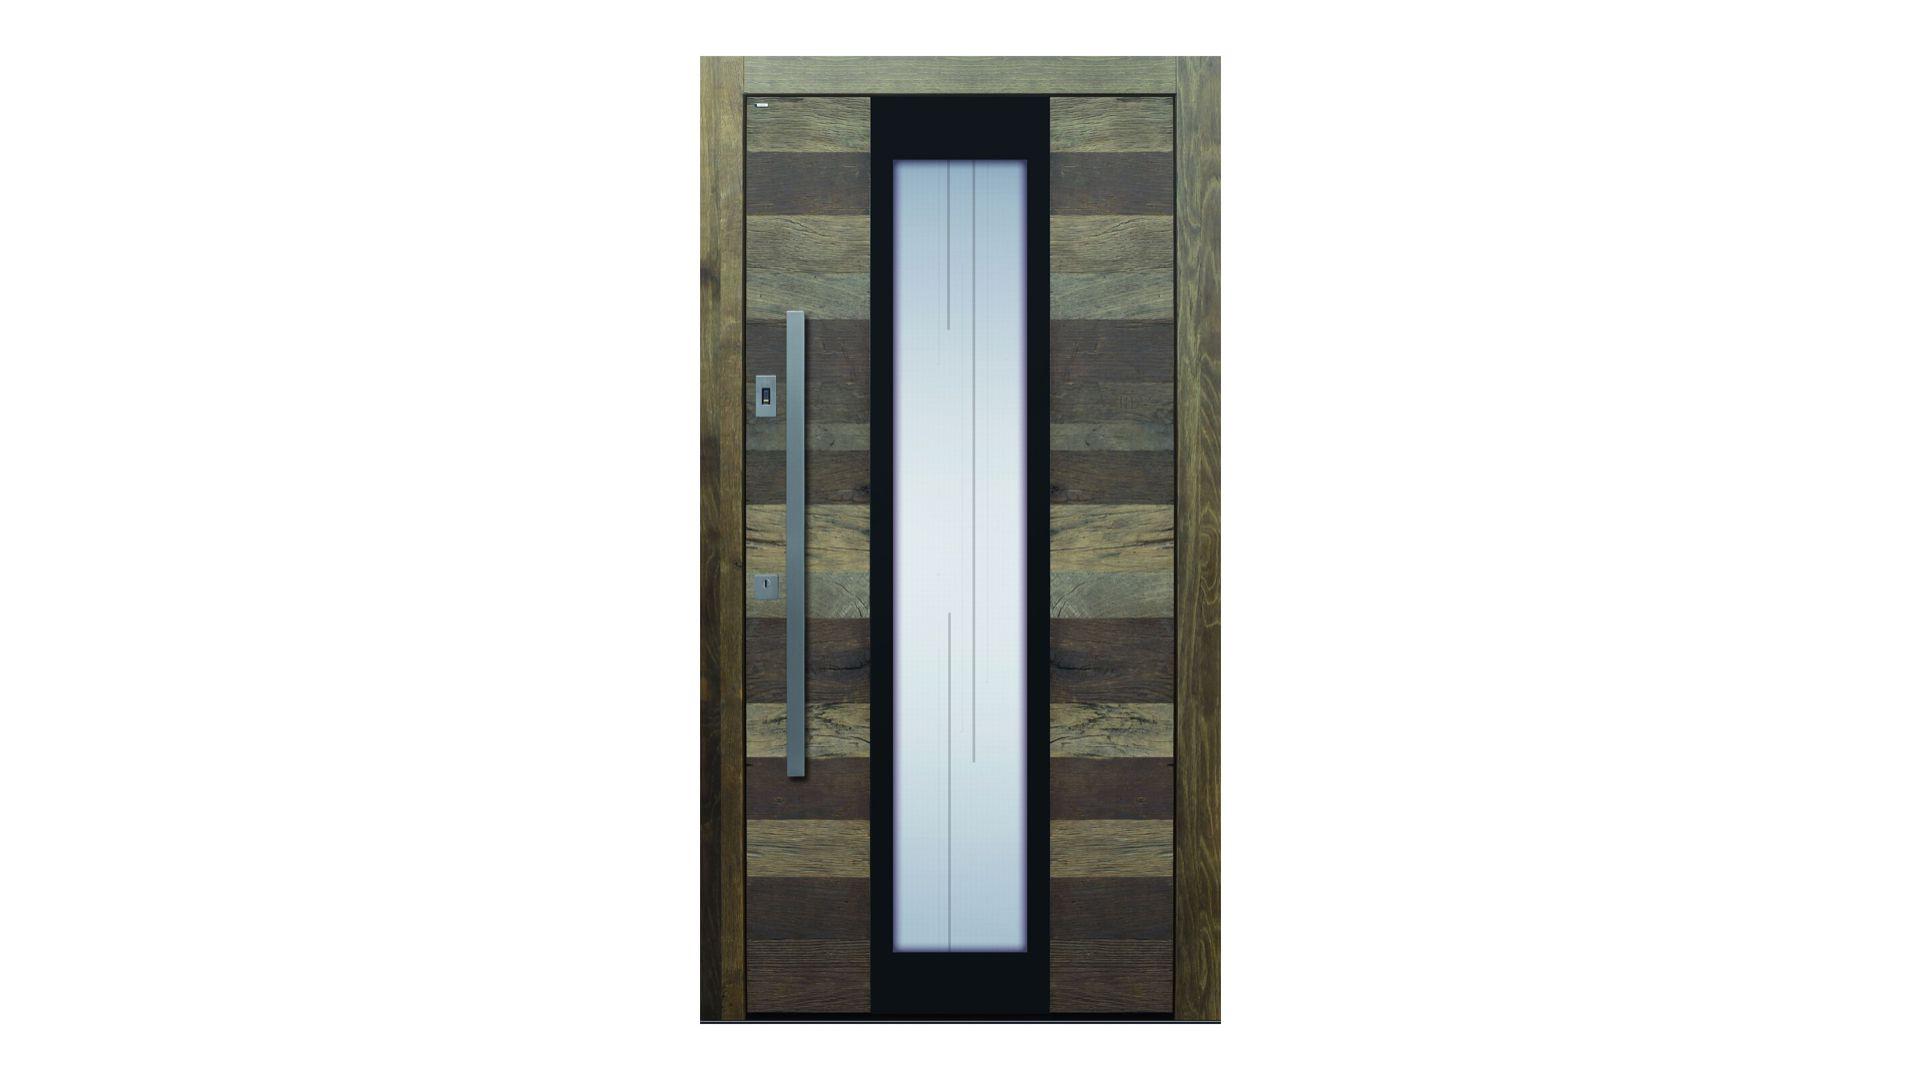 Seria drzwi TOPIC Altholz/Internorm. Produkt zgłoszony do konkursu Dobry Design 2018